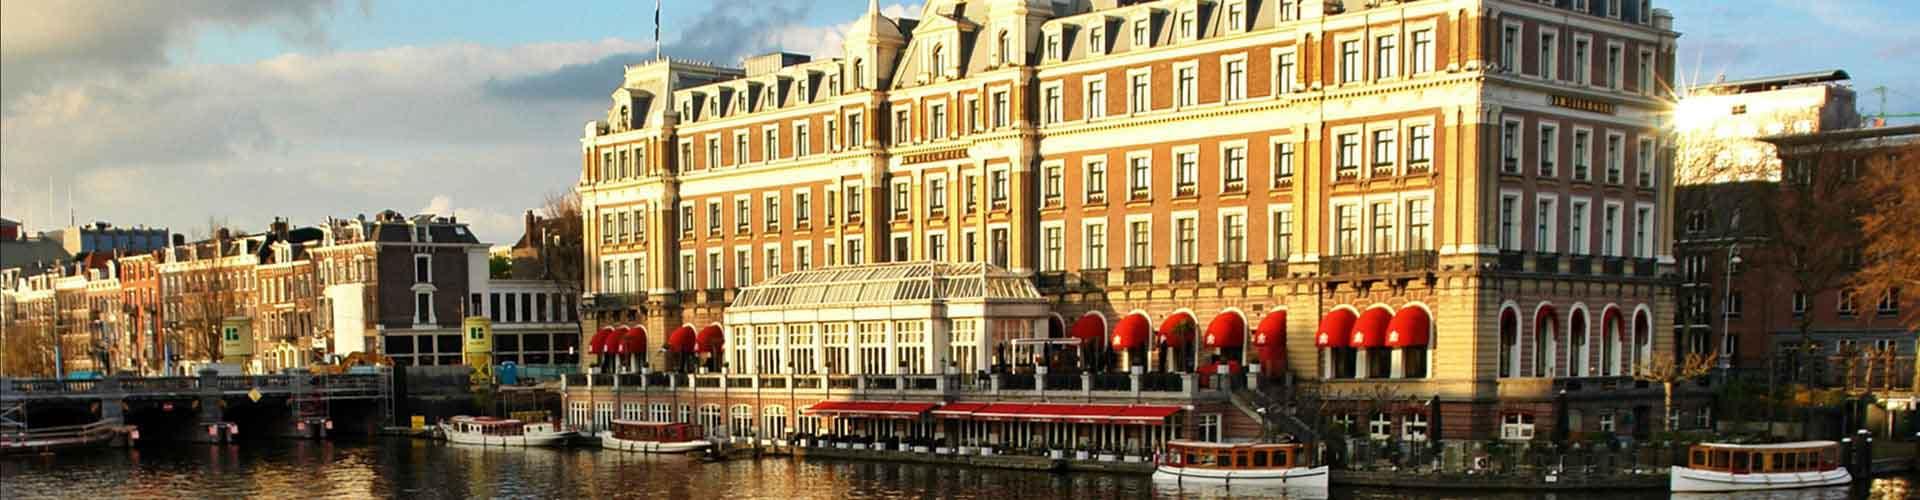 Amsterdam - Hoteles baratos en el distrito Oost Watergraafsmeer. Mapas de Amsterdam, Fotos y comentarios de cada Hotel barato en Amsterdam.